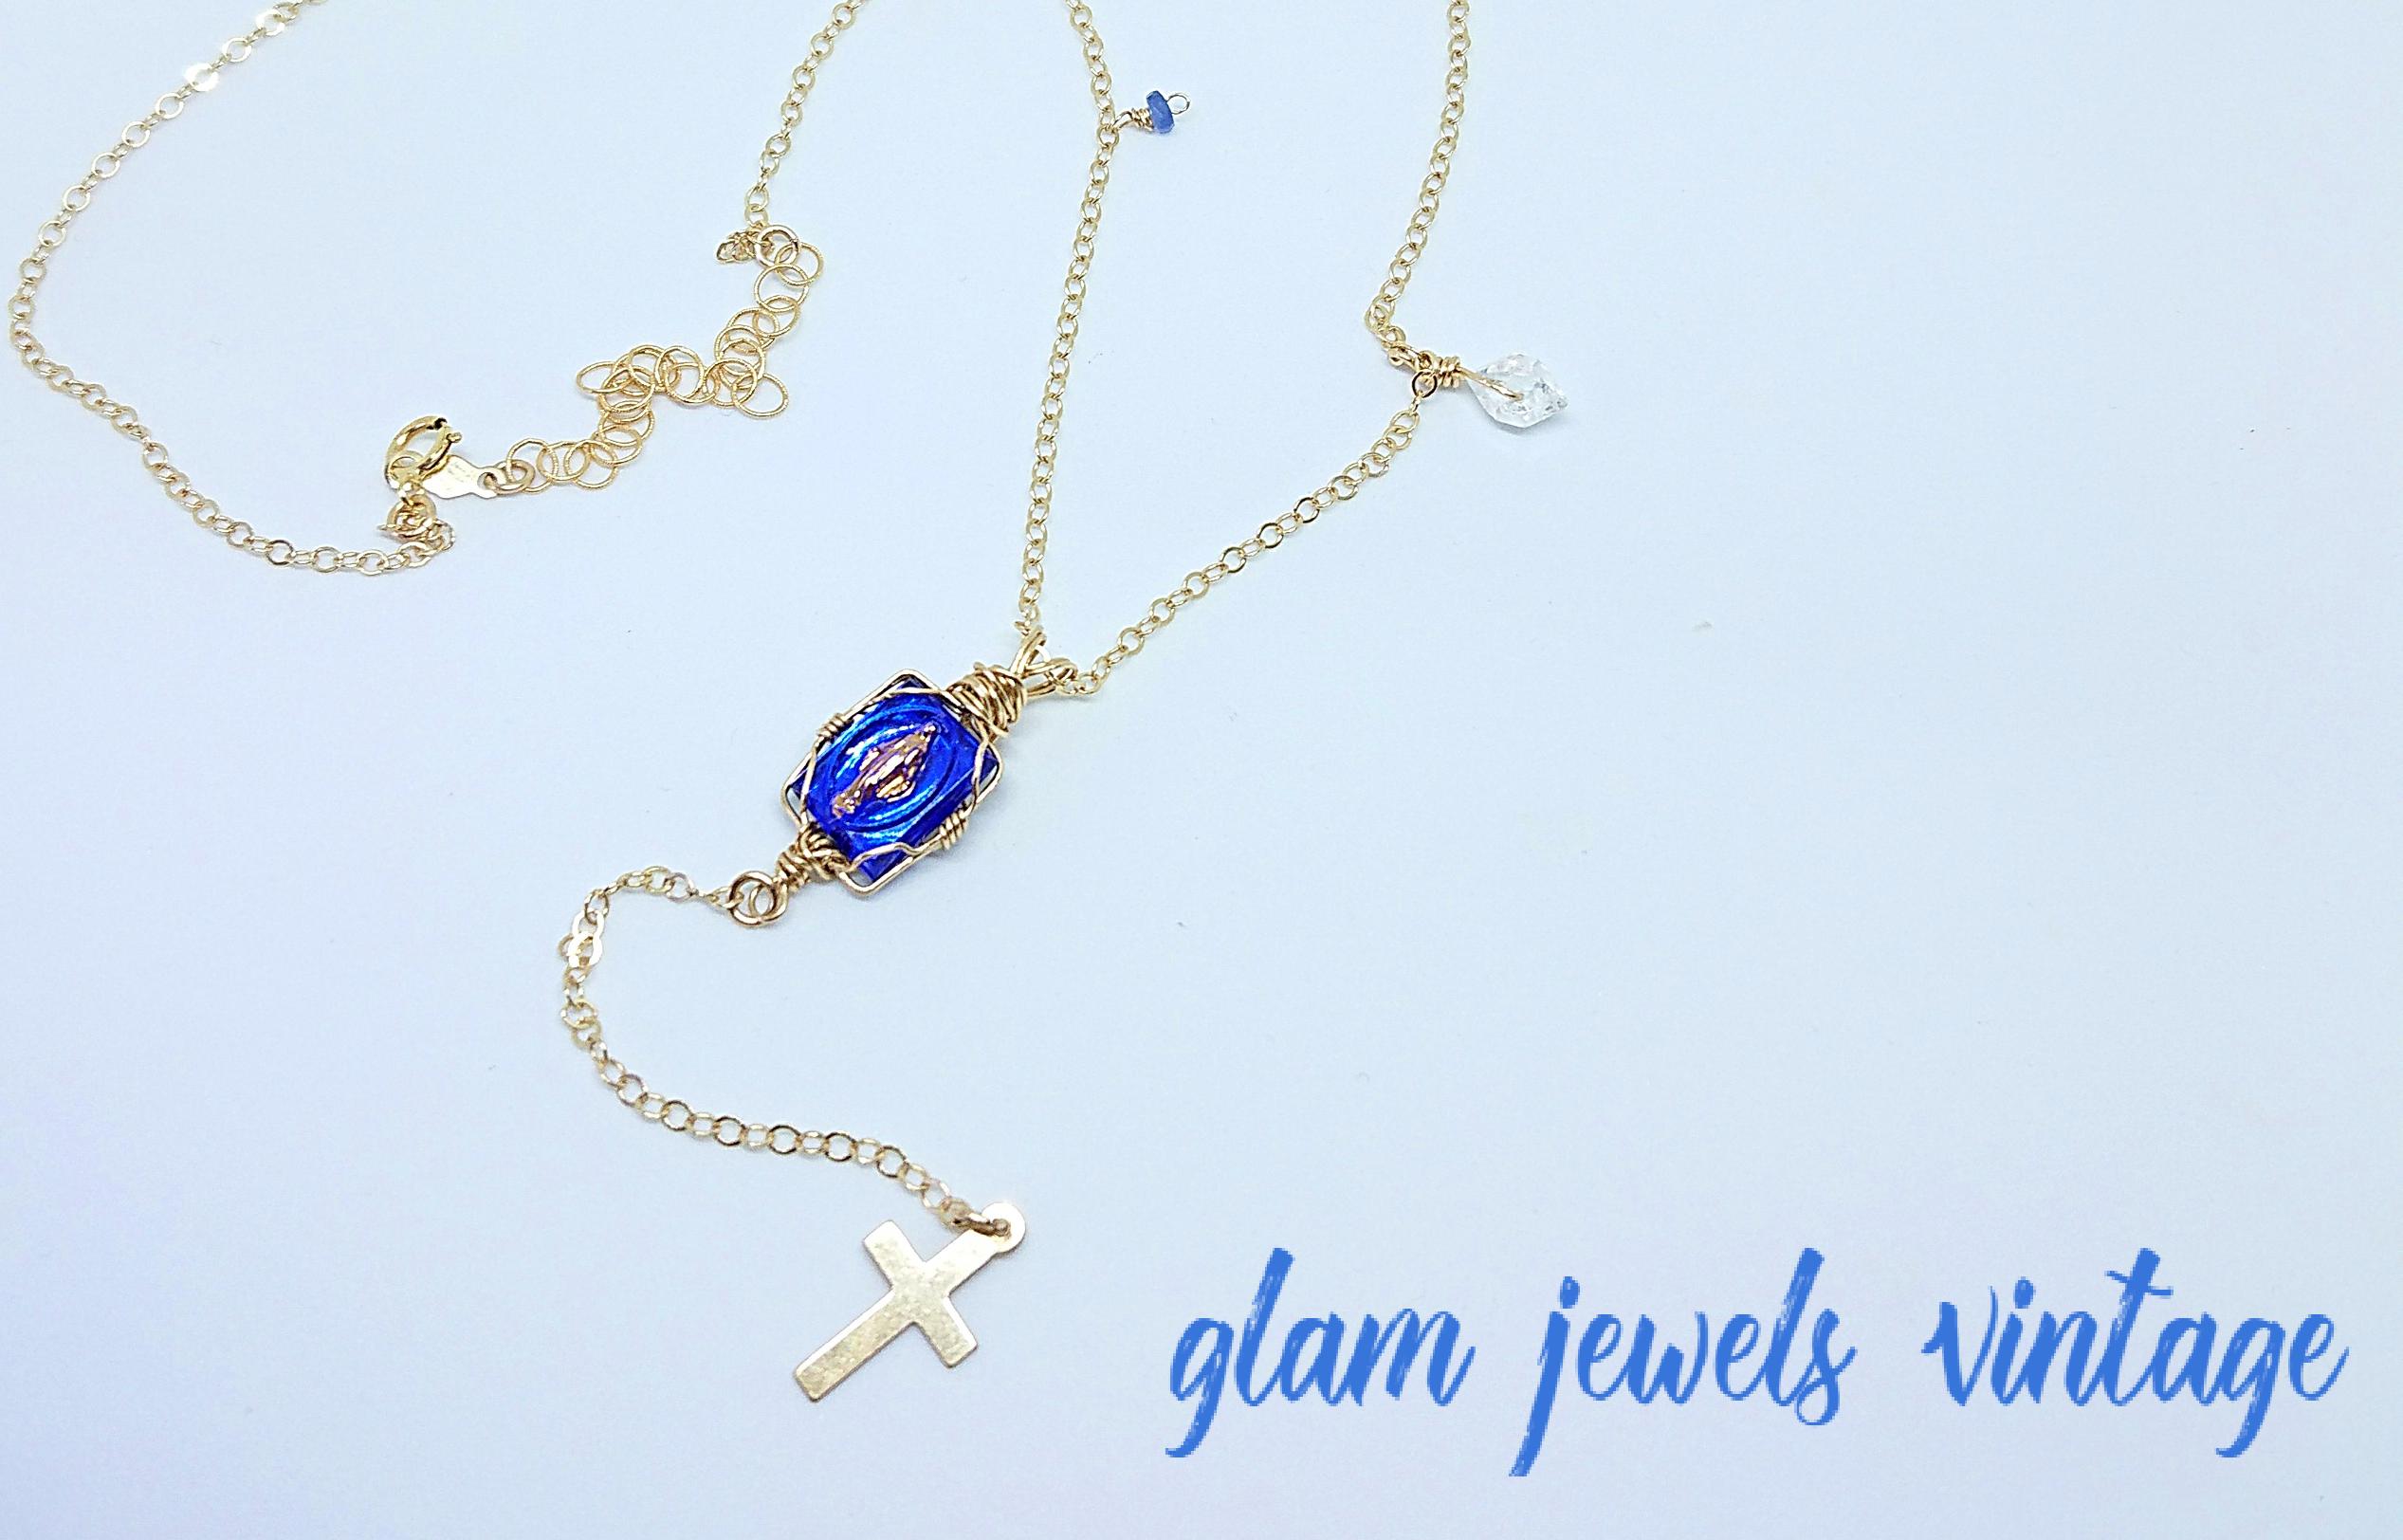 大人 アラサー アラフォー アクセサリー ジュエリー glam jewels vintage